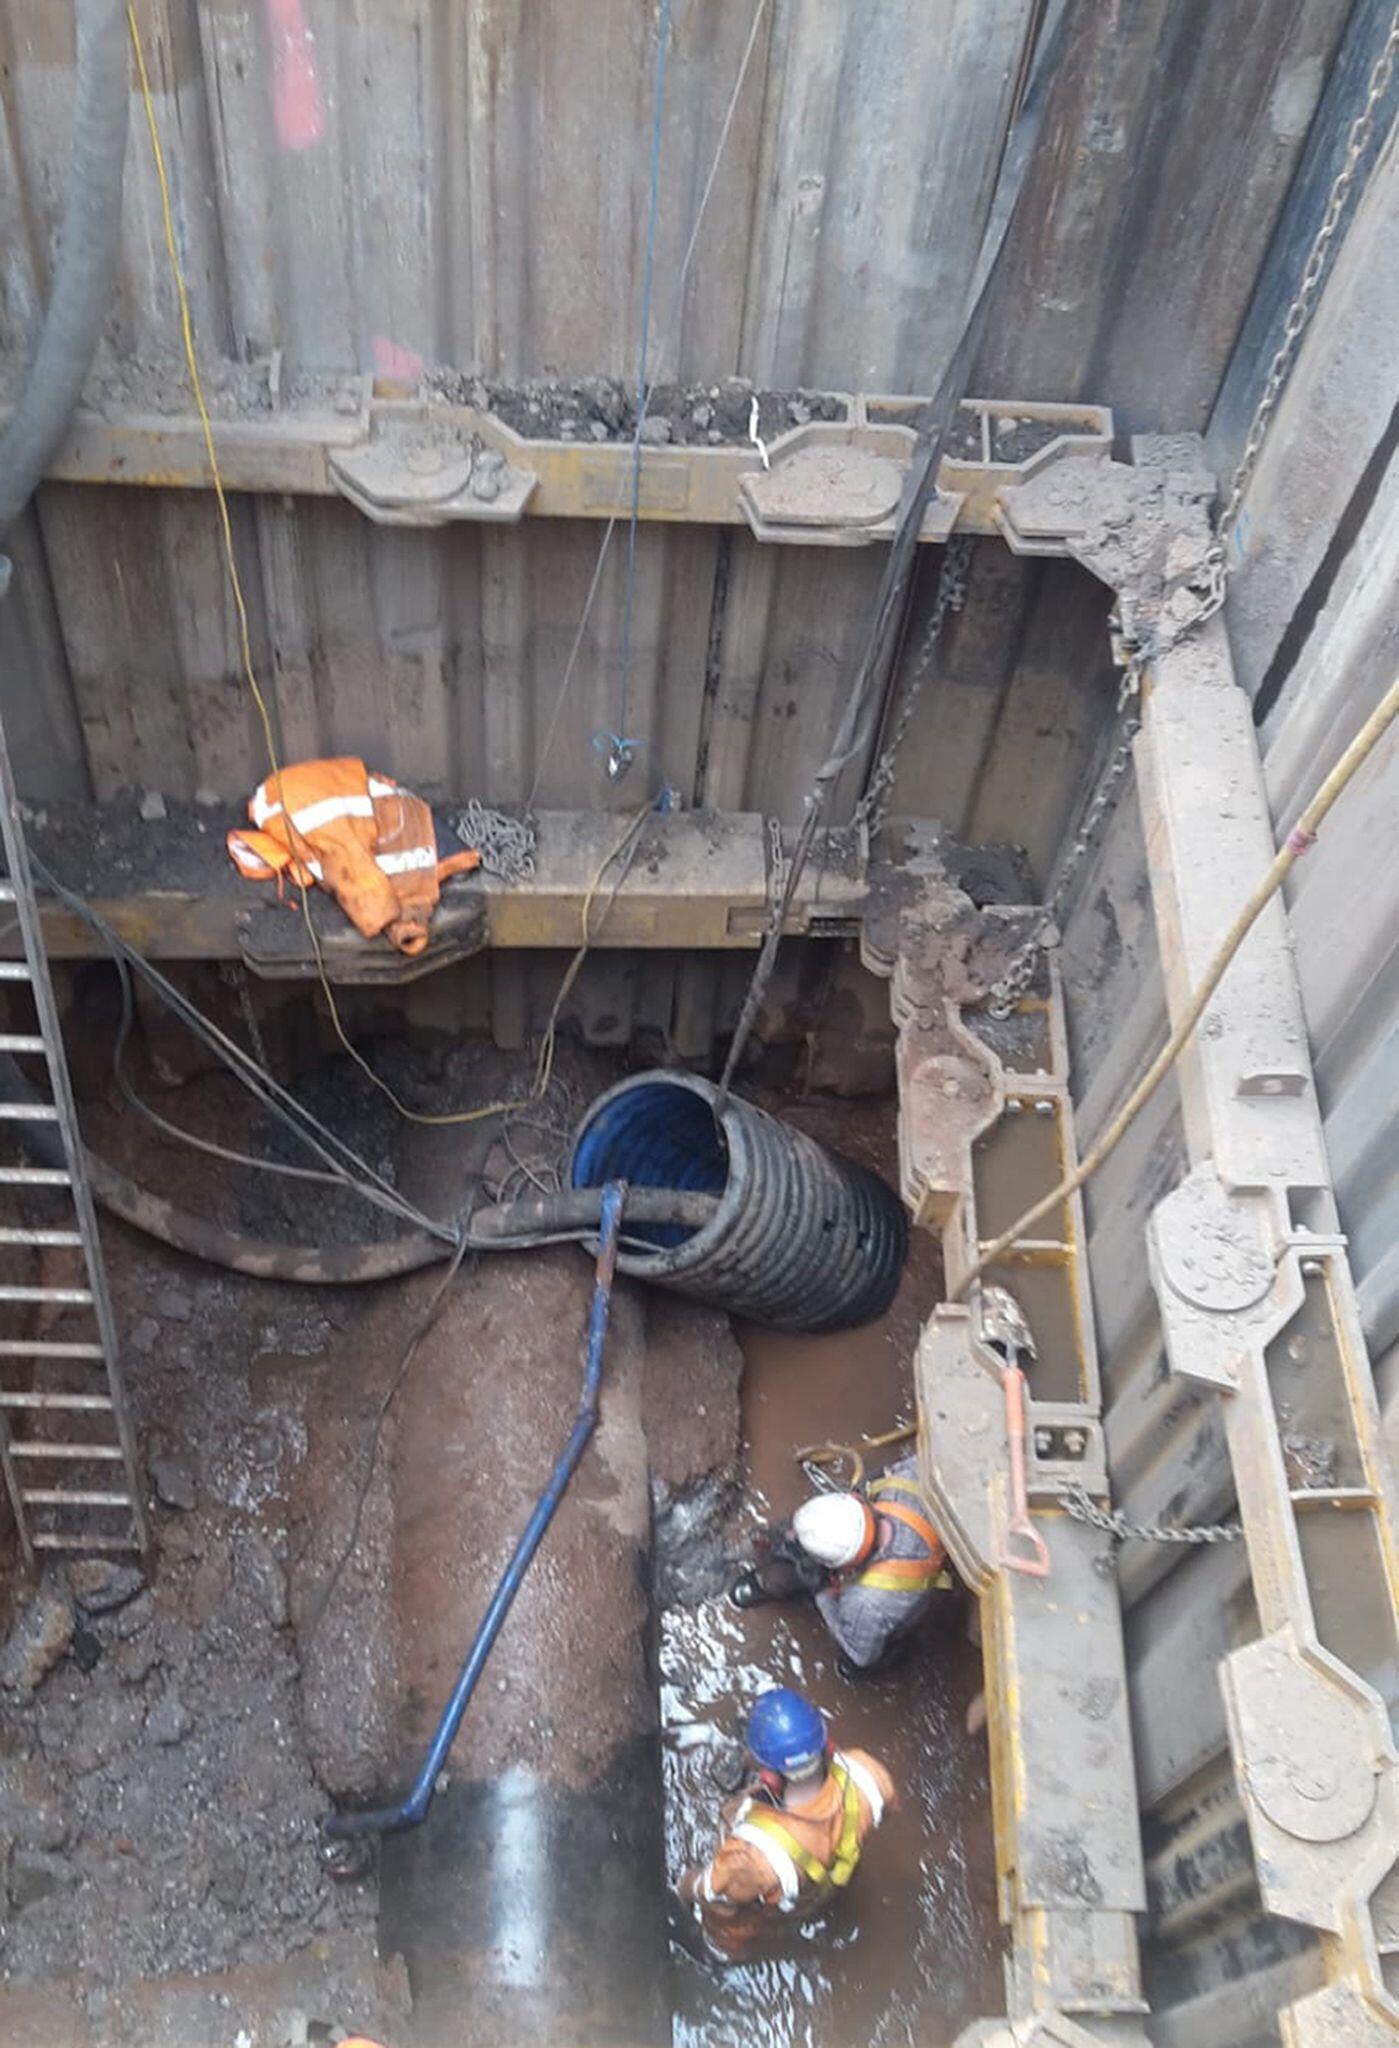 Bild zu 300 Tonnen schwerer Fettkloß in Kanalisation - Birmingham